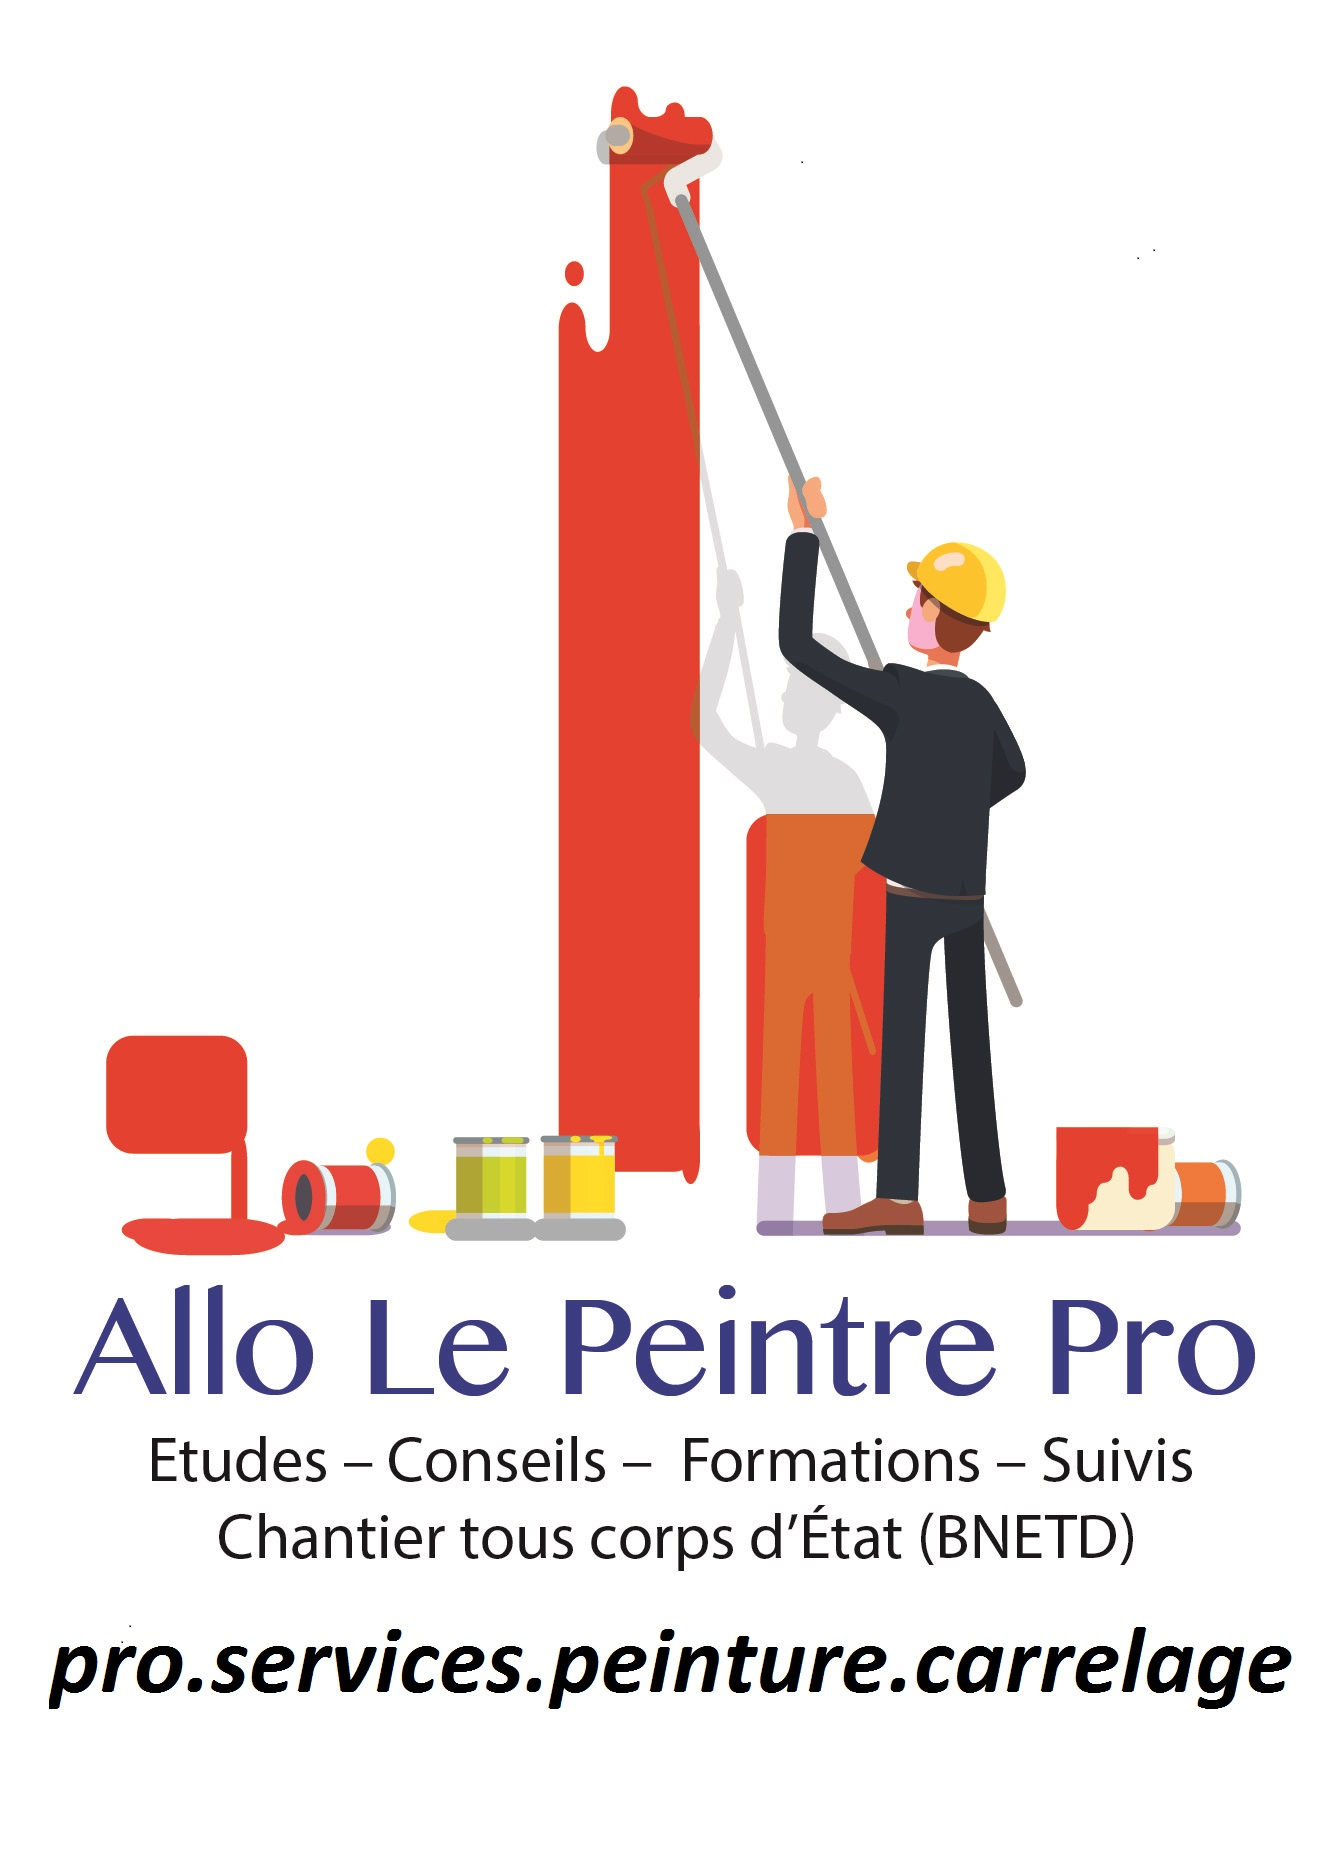 Pro Services 86 Peinture-Carrelage